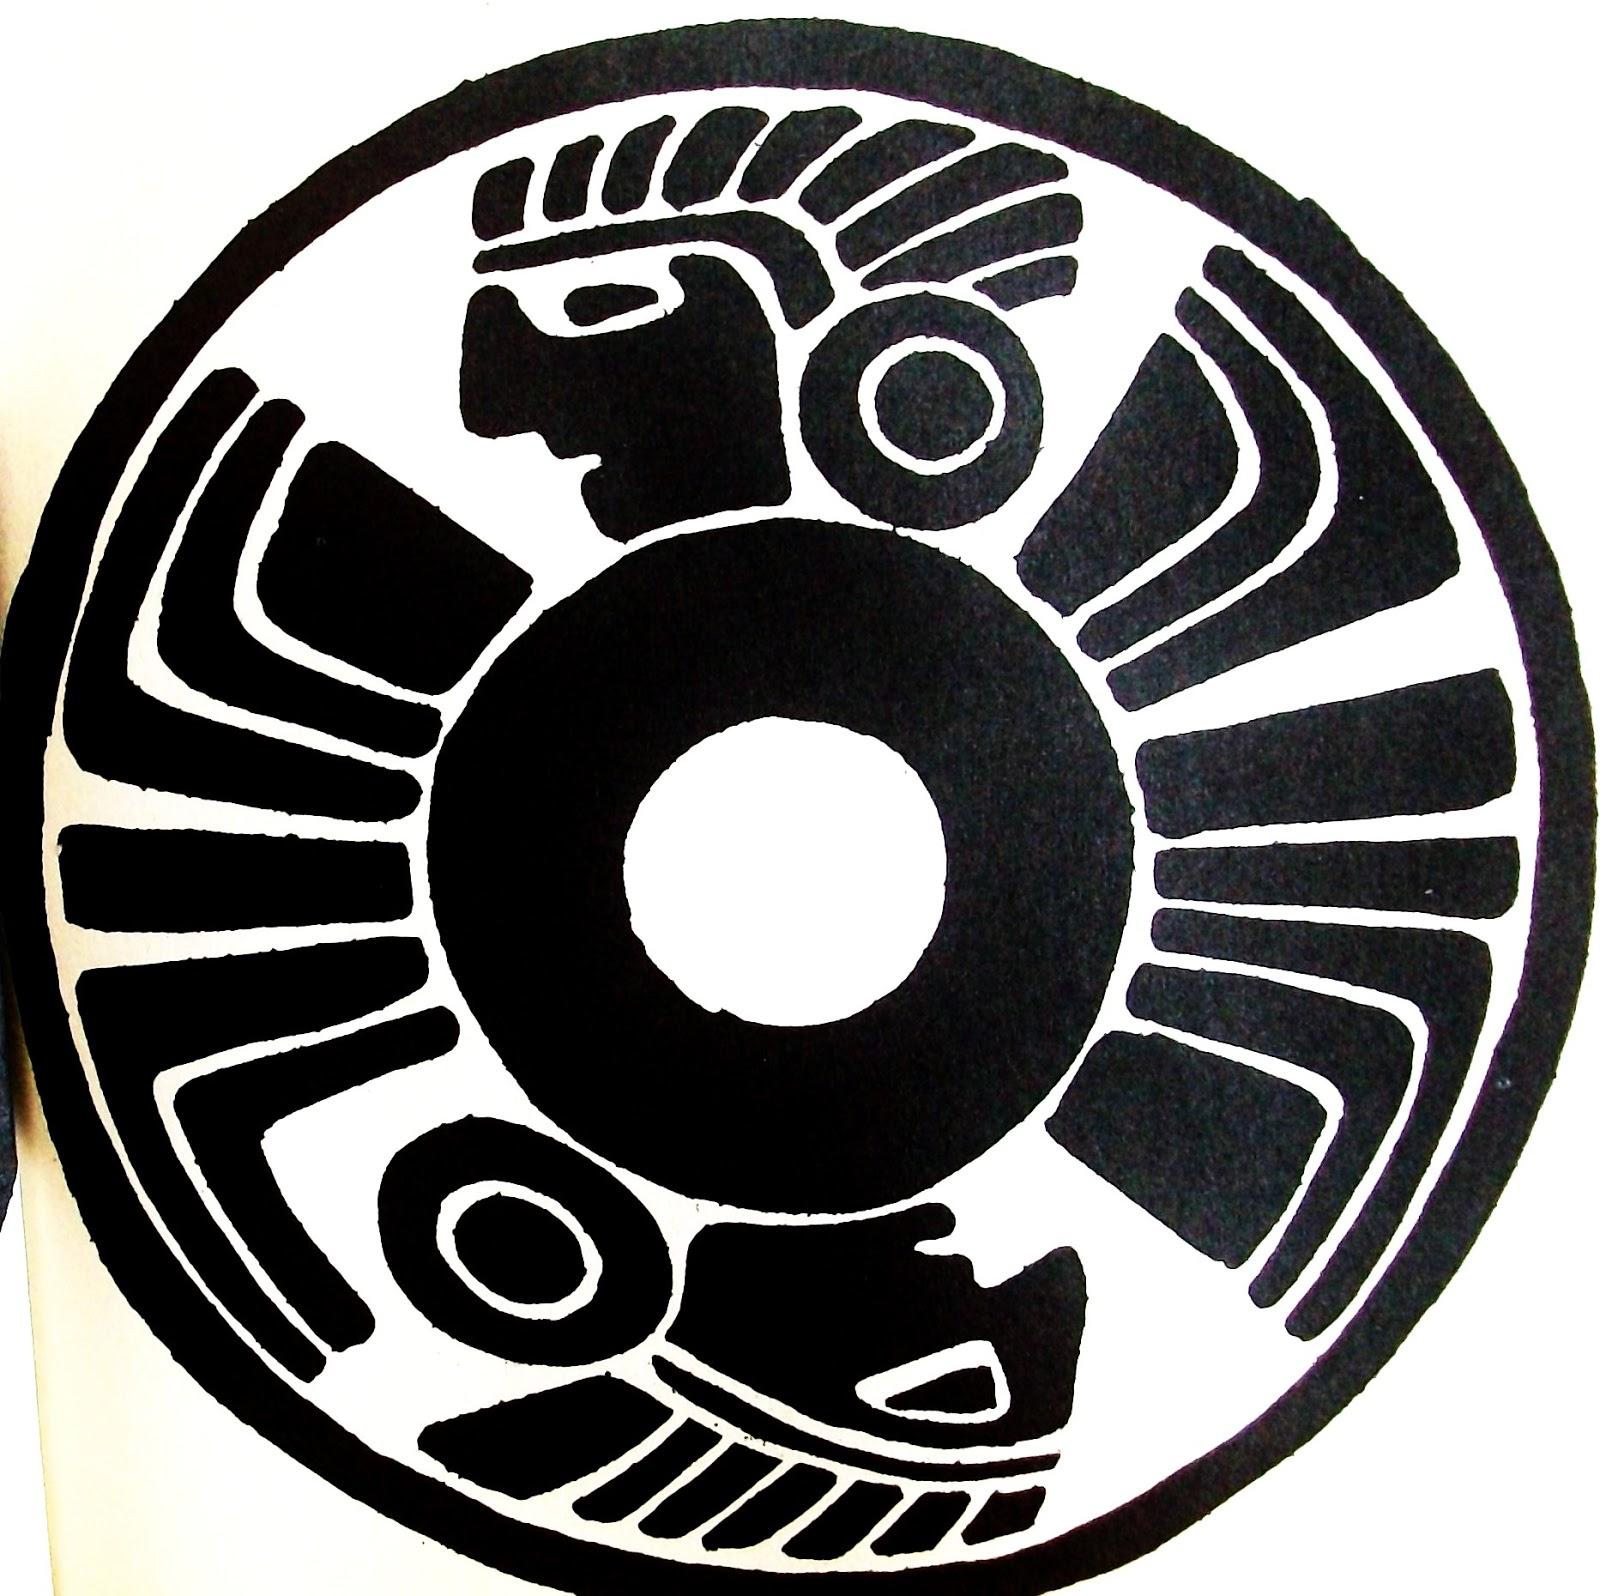 diseños de escudos de guerreros del méxico precolombino